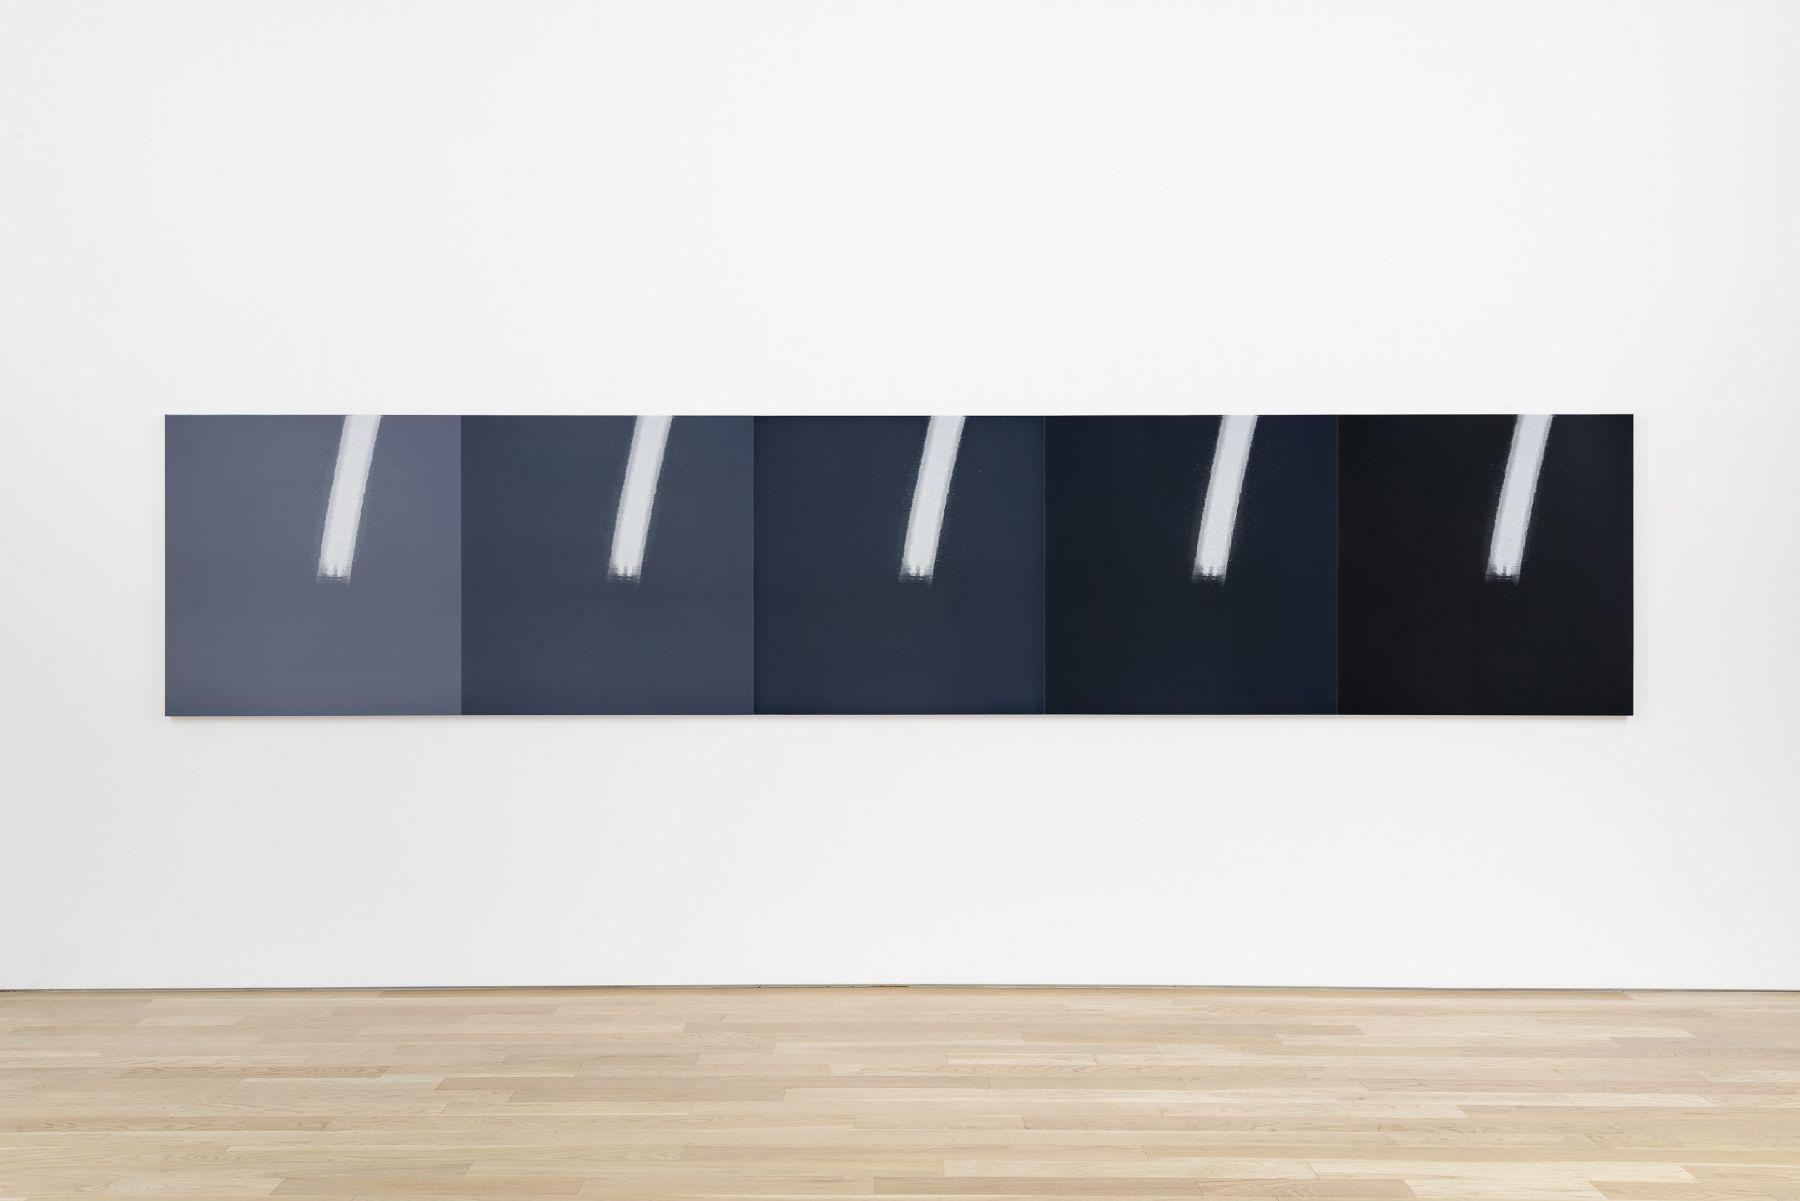 Kate Shepherd, Kodak, Bolts, Giraffe Horns, 2018, Screen printed enamel and enamel on panel